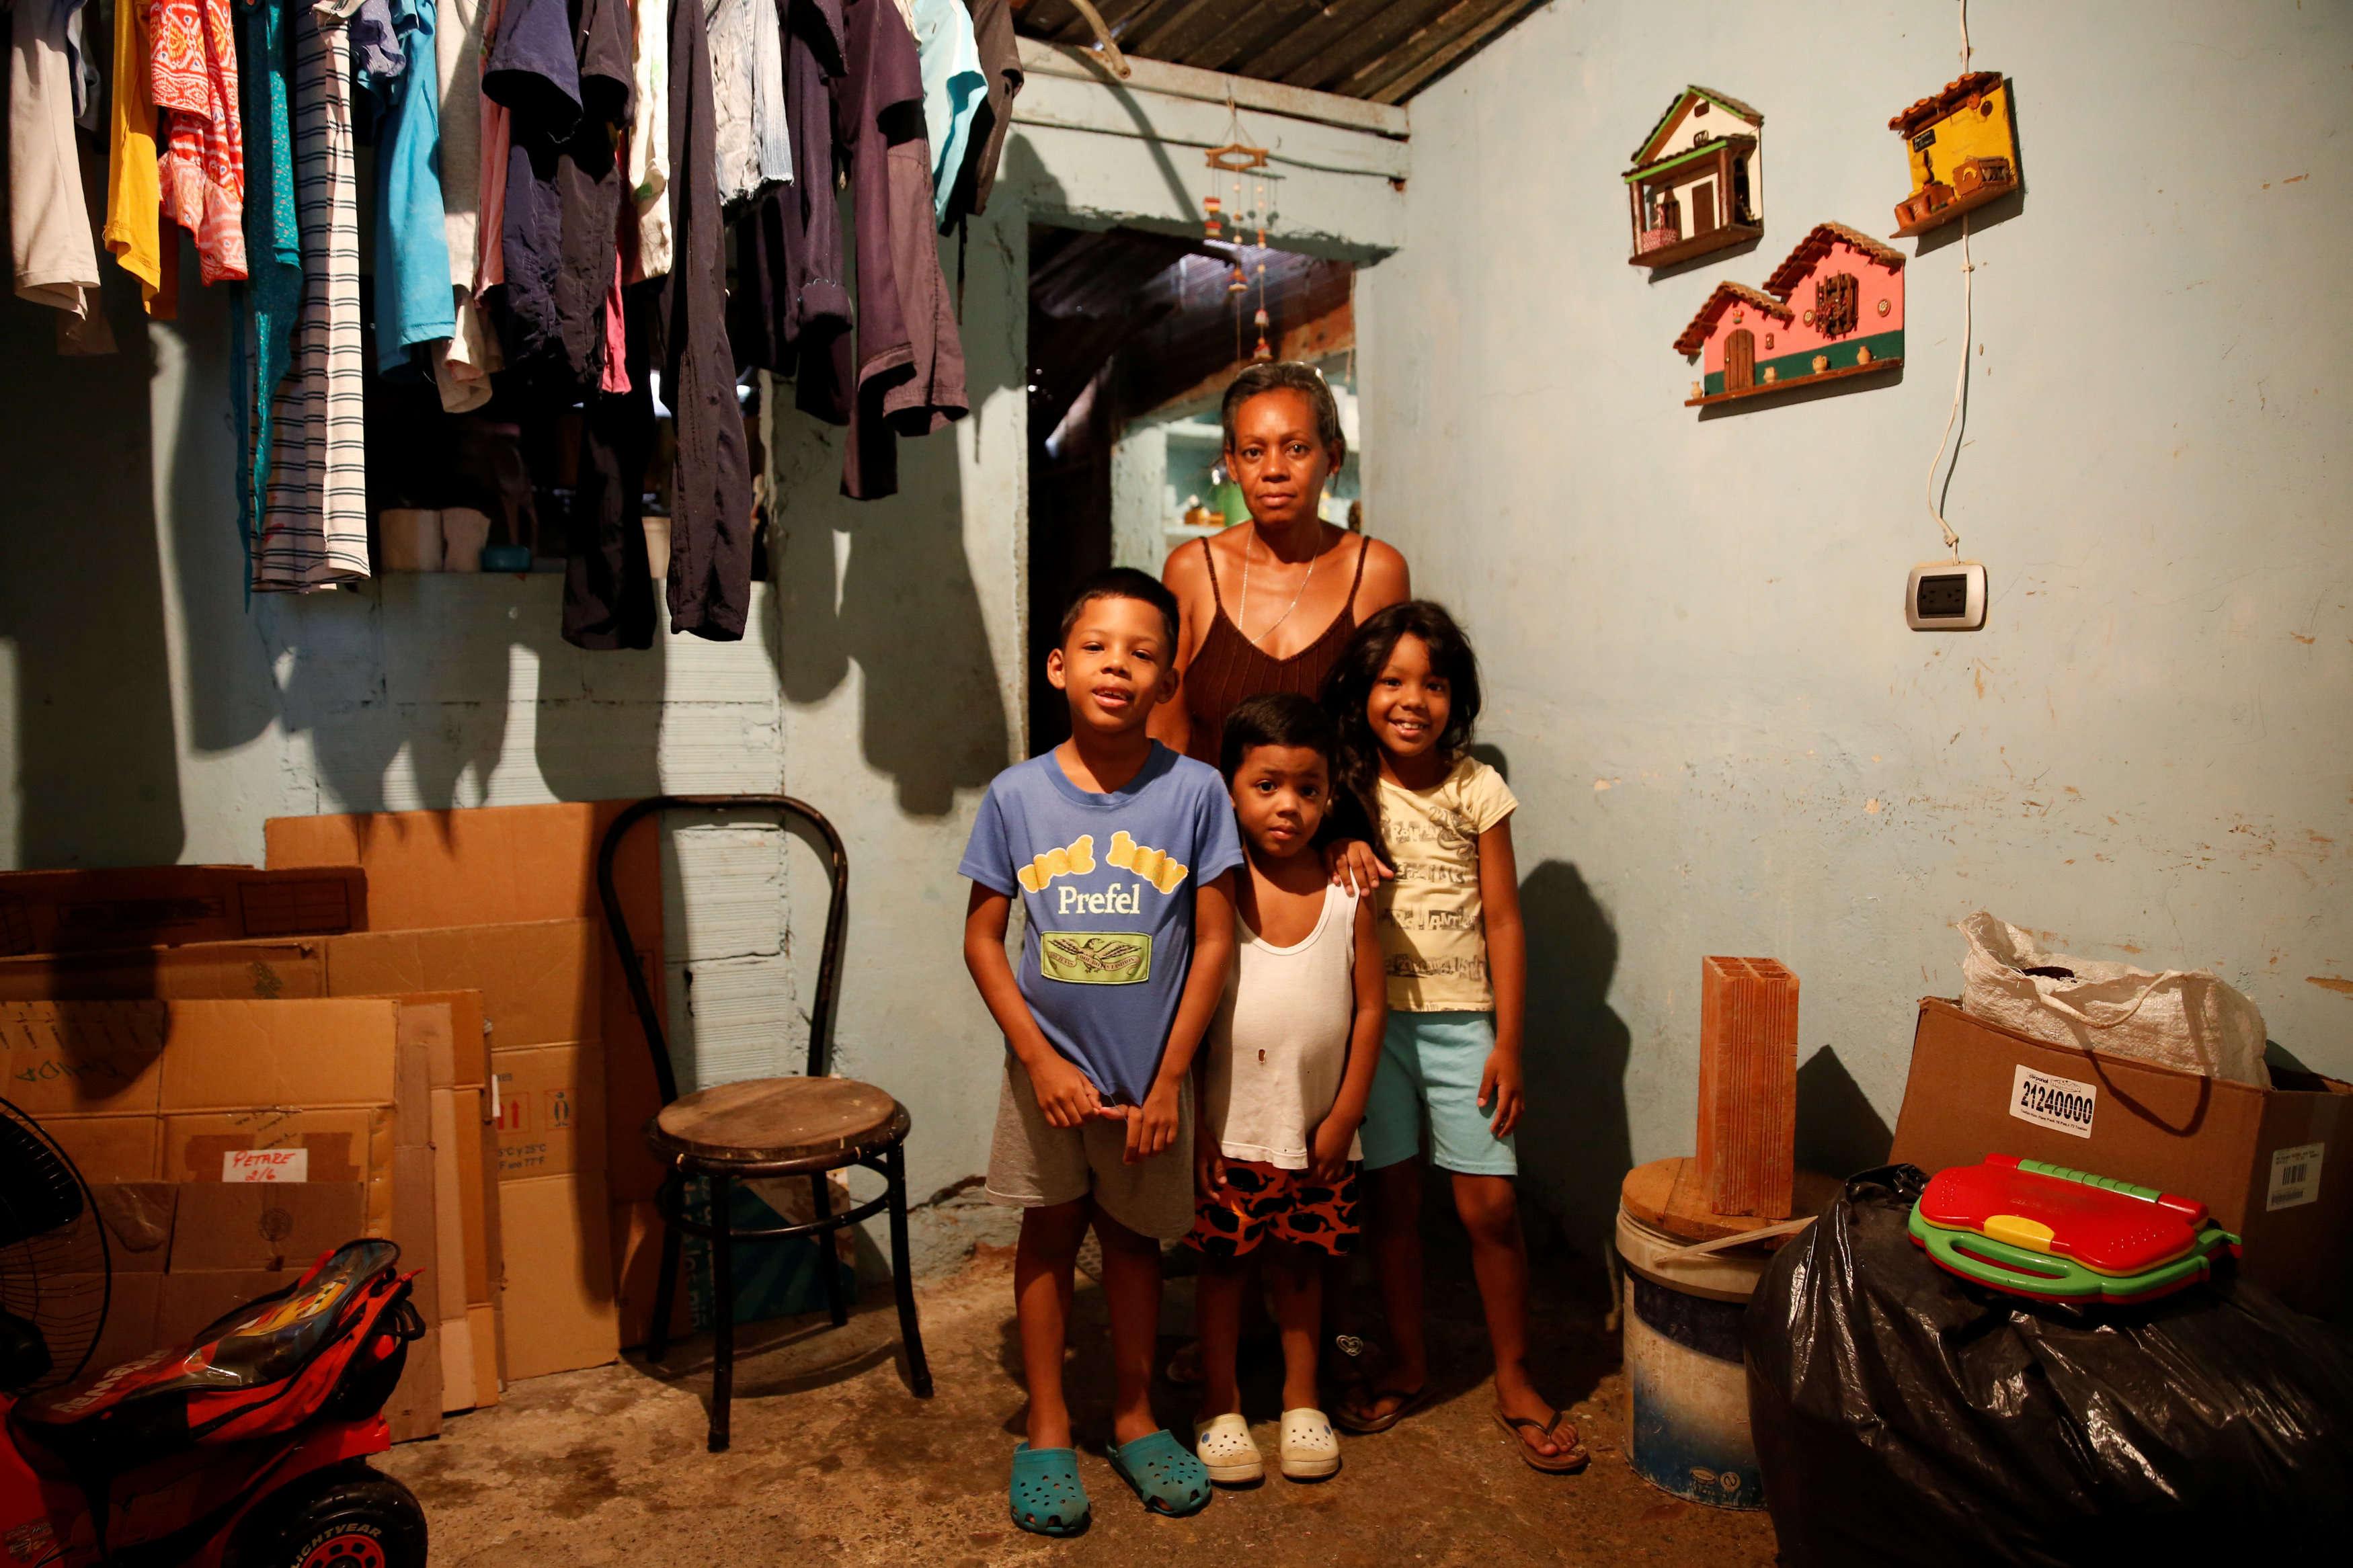 «Nous mangeons très mal. Par exemple , si nous avons de la farine de maïs, nous ne mangeons qu'un repas par jour. Même avec de l'argent, c'est compliqué de trouver de la nourriture. Et si vous trouvez, il ne vous reste plus un sous», confie Rosa Elaisa Landaez, qui pose avec ses enfants, à son domicile, à Caracas, samedi 23 avril.